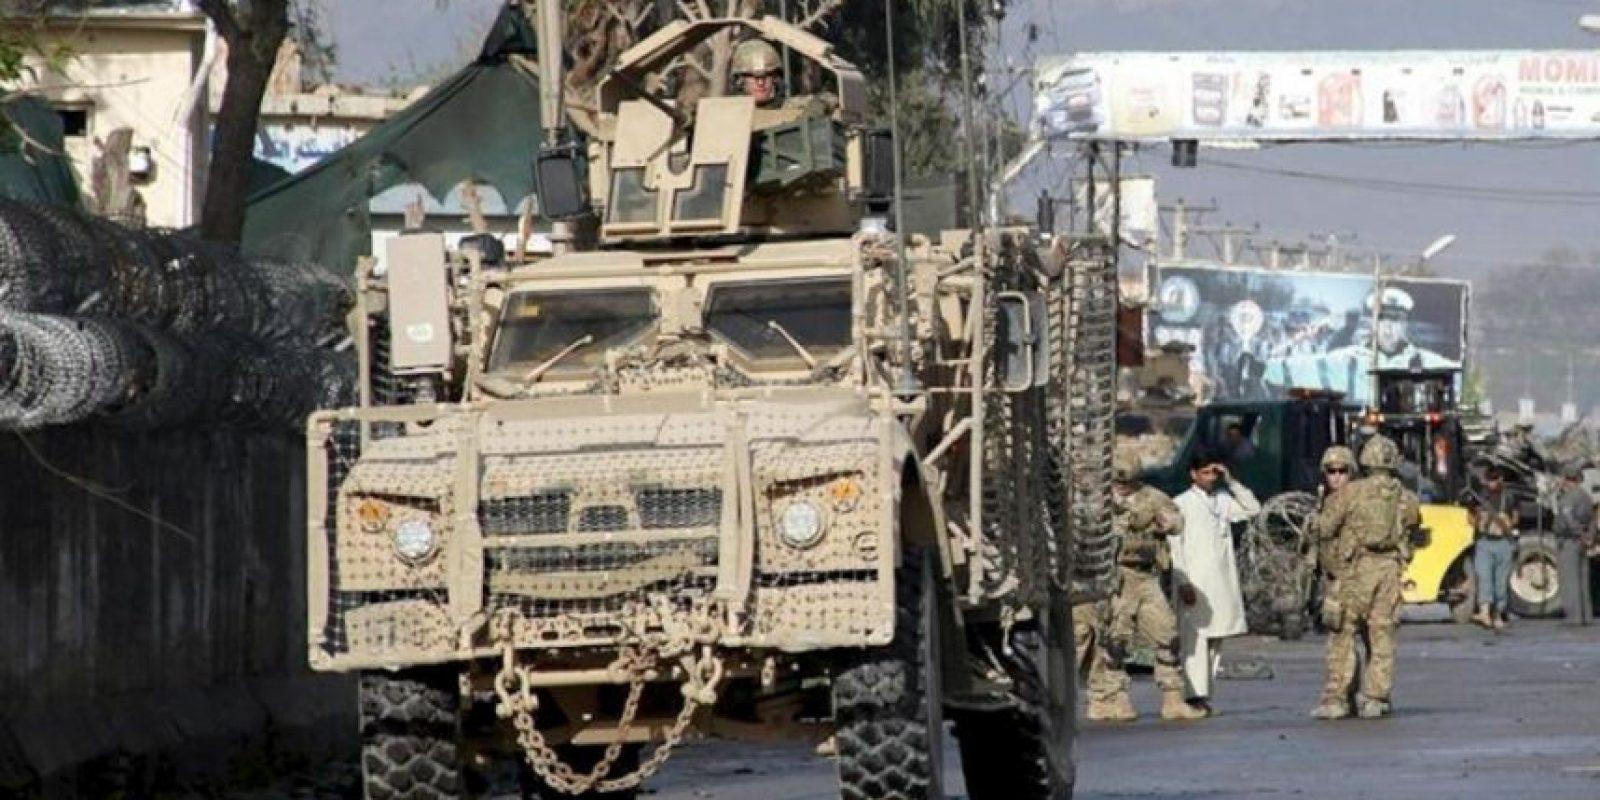 Soldados de EEUU y oficiales afganos aseguran los alrededores del escenario de un atentado suicida con bomba perpetrado hoy contra unas oficinas policiales en Jalalabad, en el que al menos cinco oficiales han muerto, en Afganistán. EFE